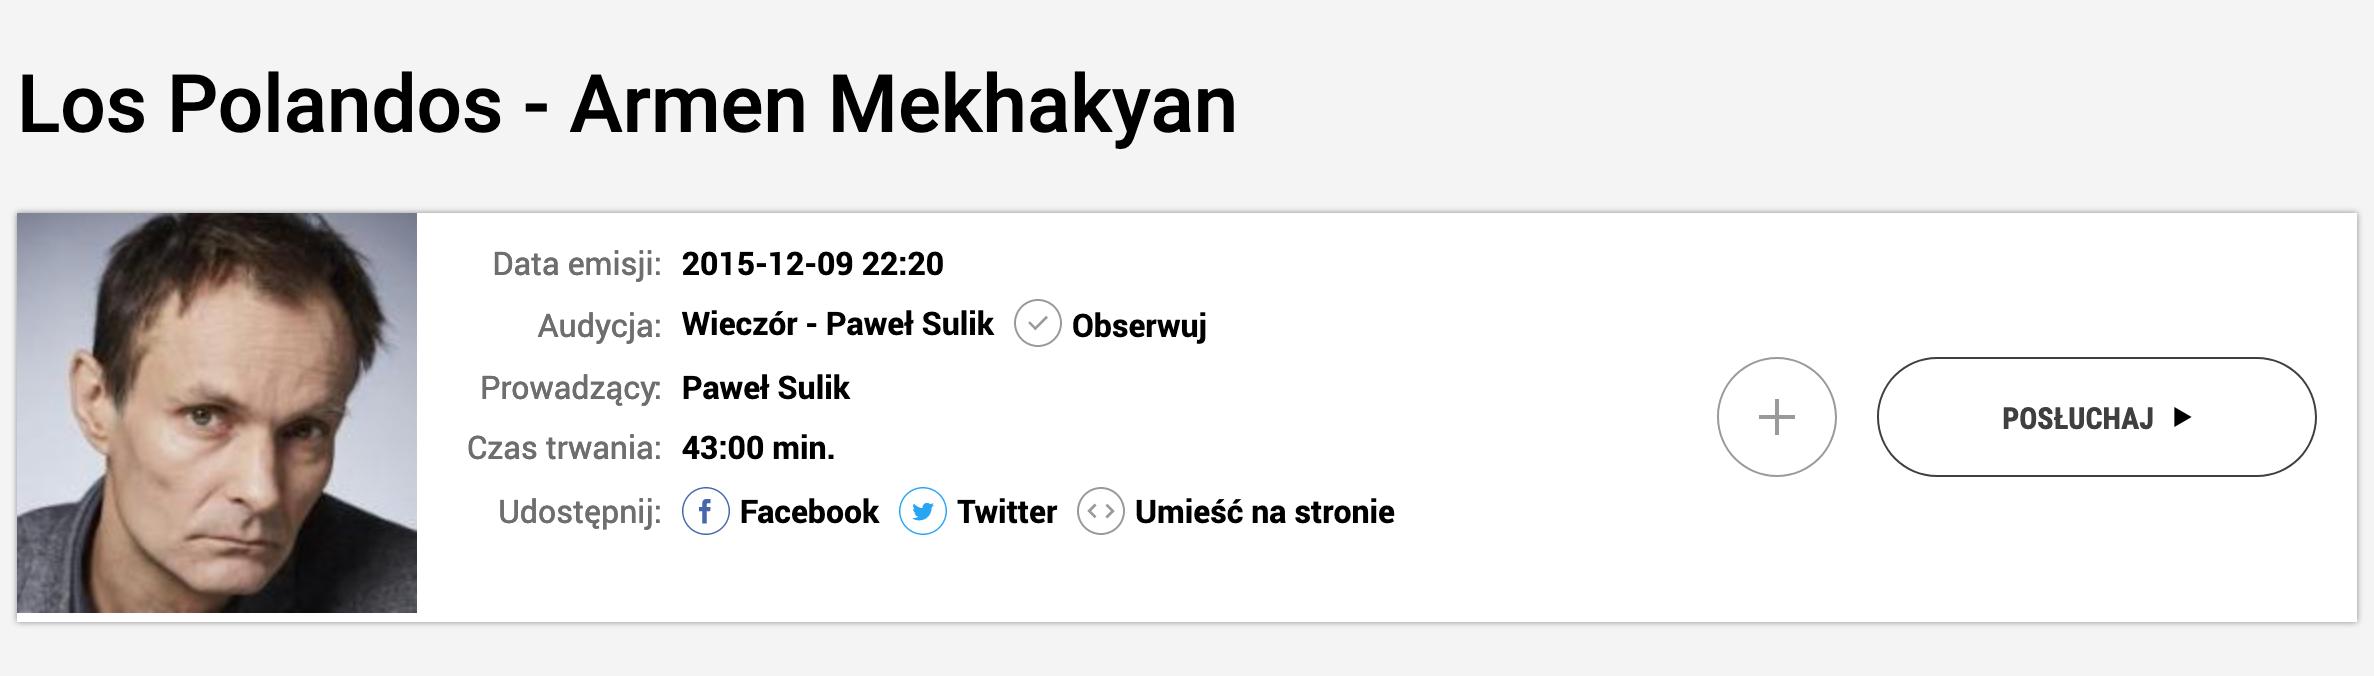 Wieczór, Paweł Sulik, wywiad, Armen Mekhakyan, posłuchaj